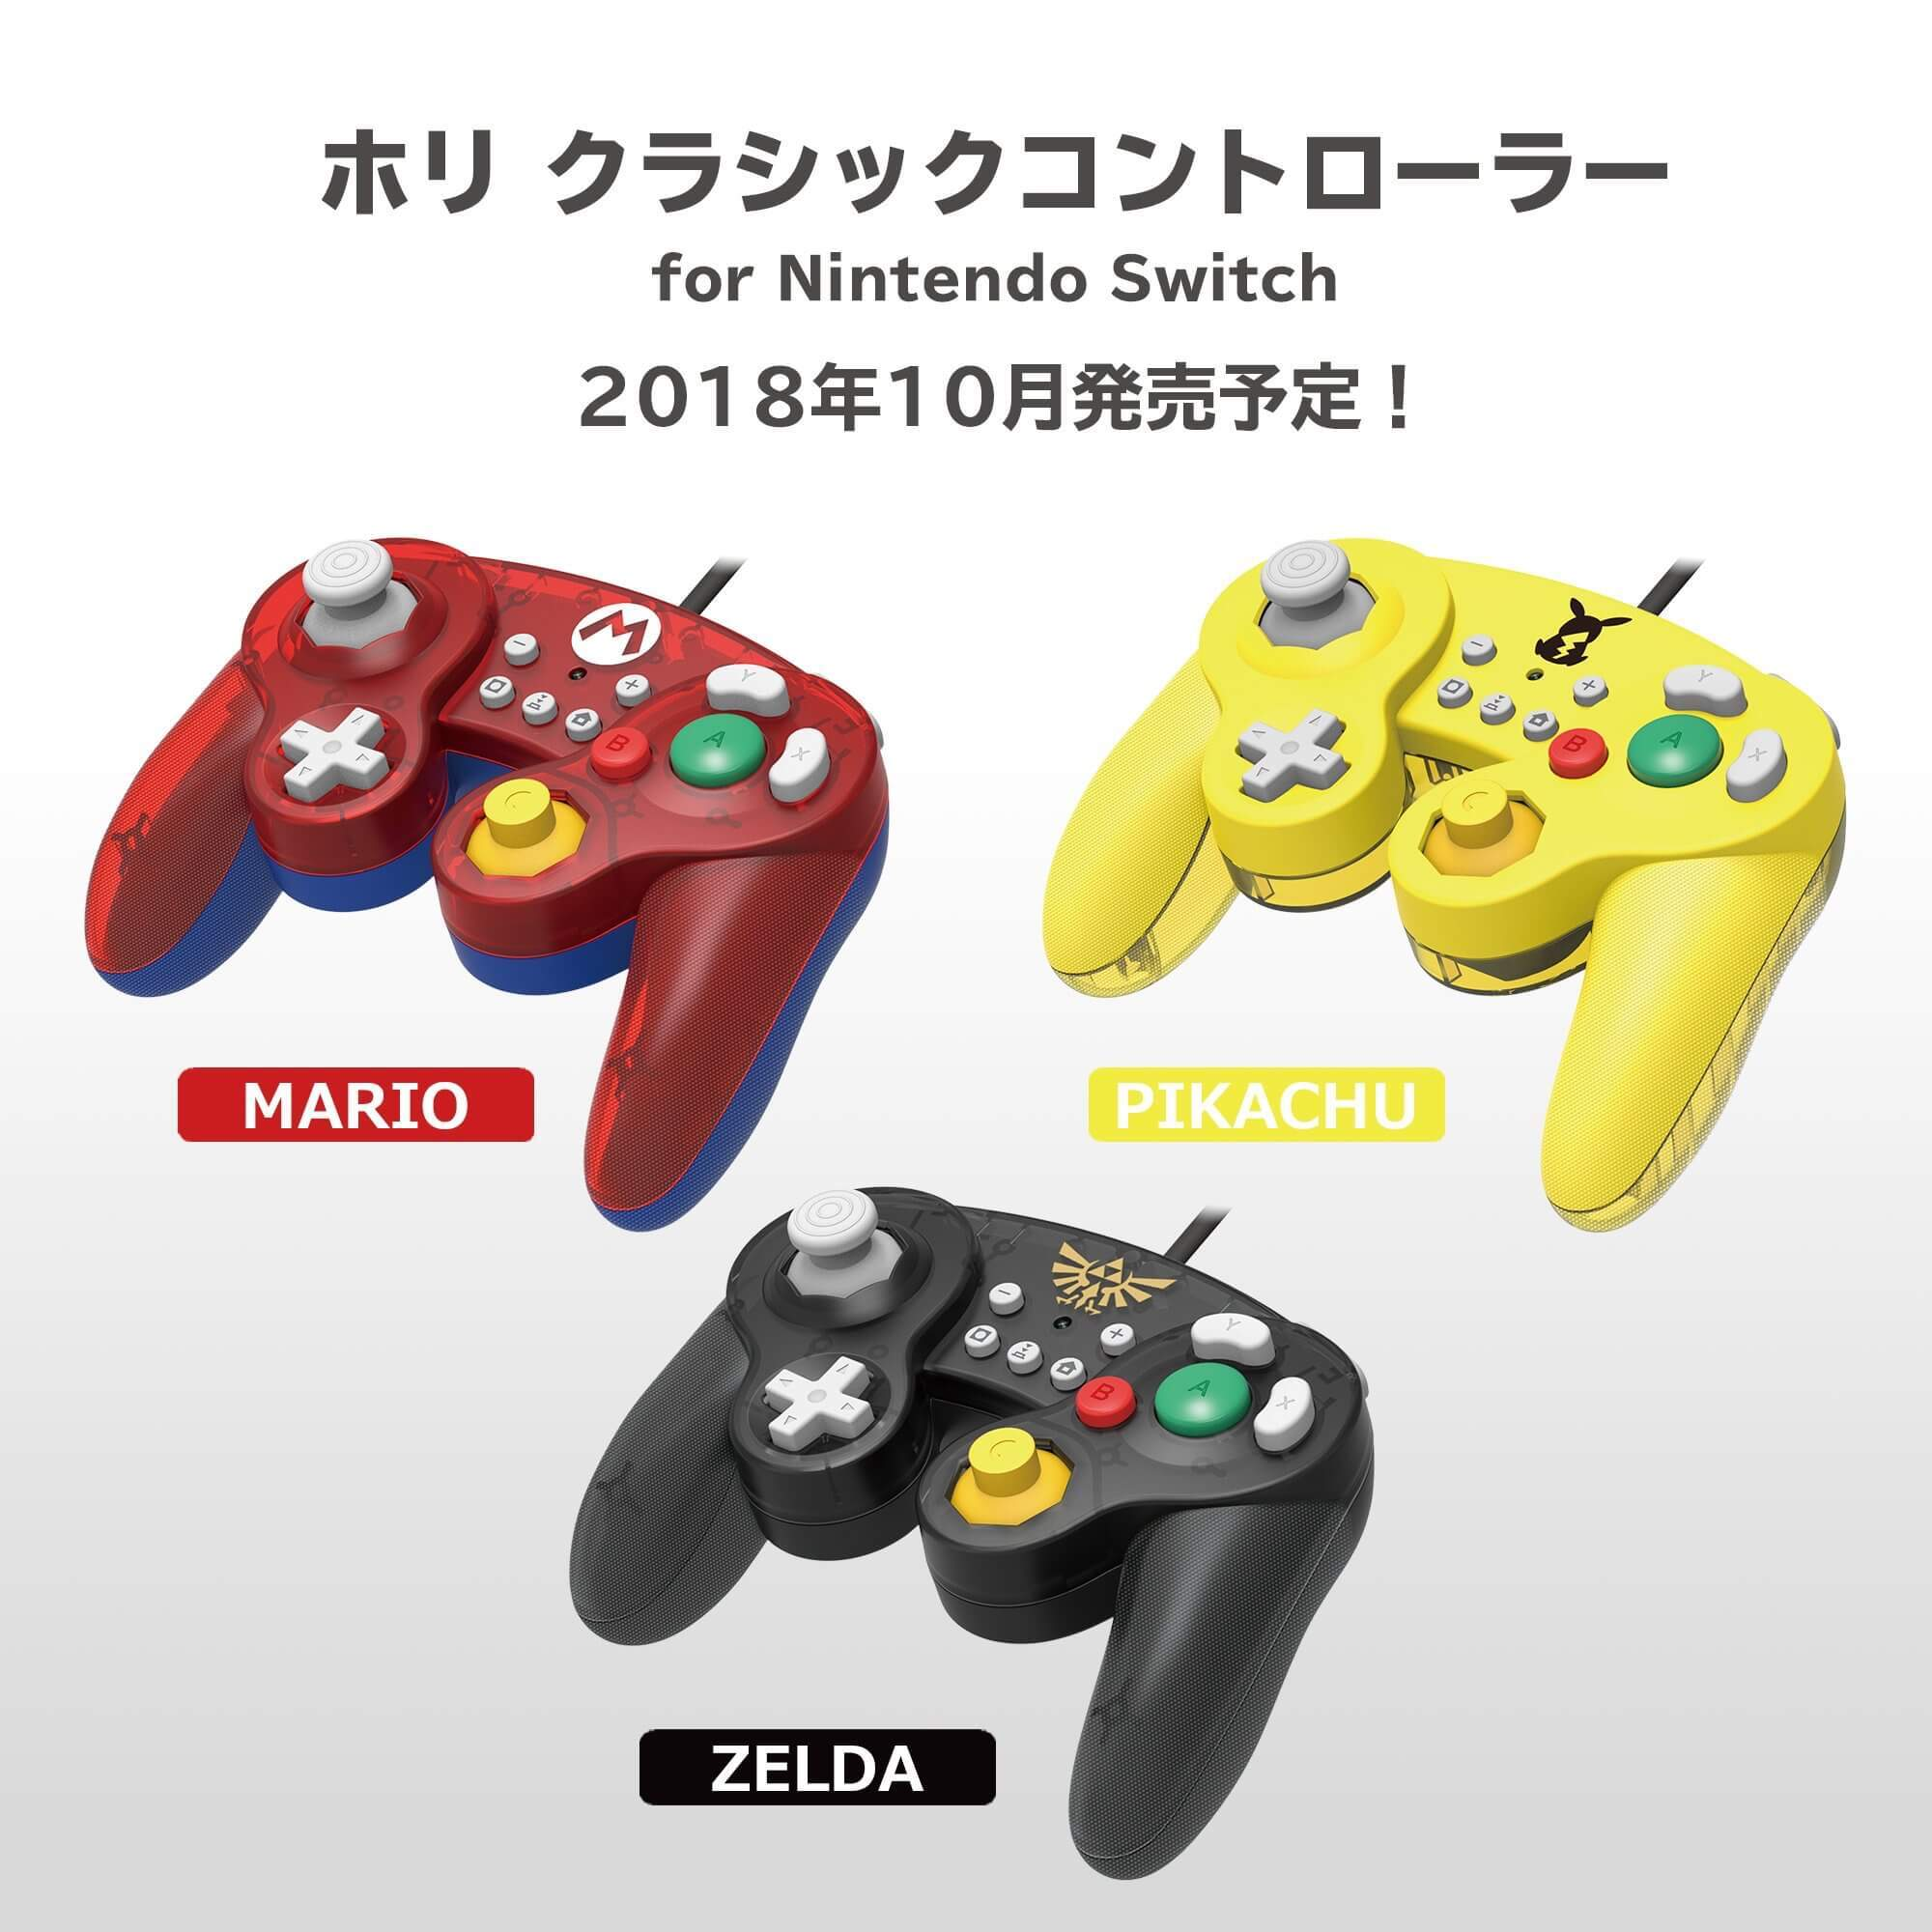 『クラシックコントローラー for Nintendo Switch』が10月に登場、マリオ/ゼルダ/ピカチュウの3種類